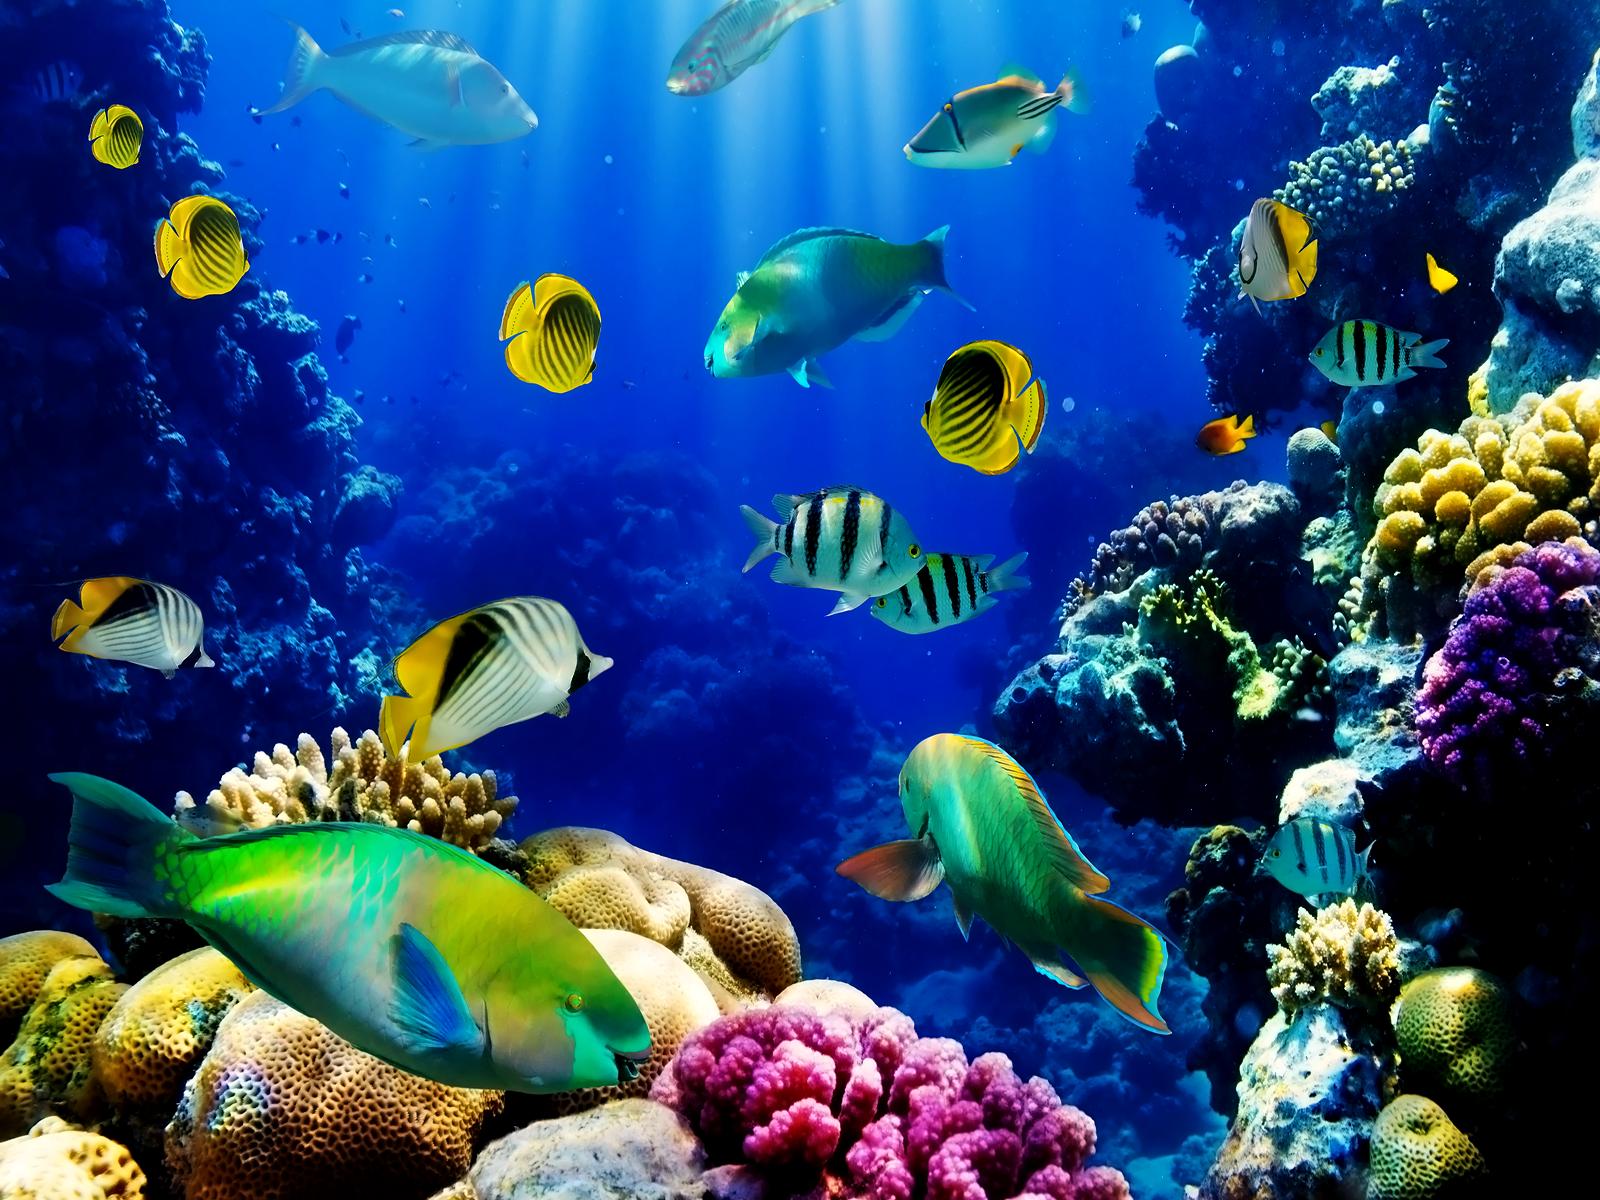 live ocean wallpaper for desktop wallpapersafari